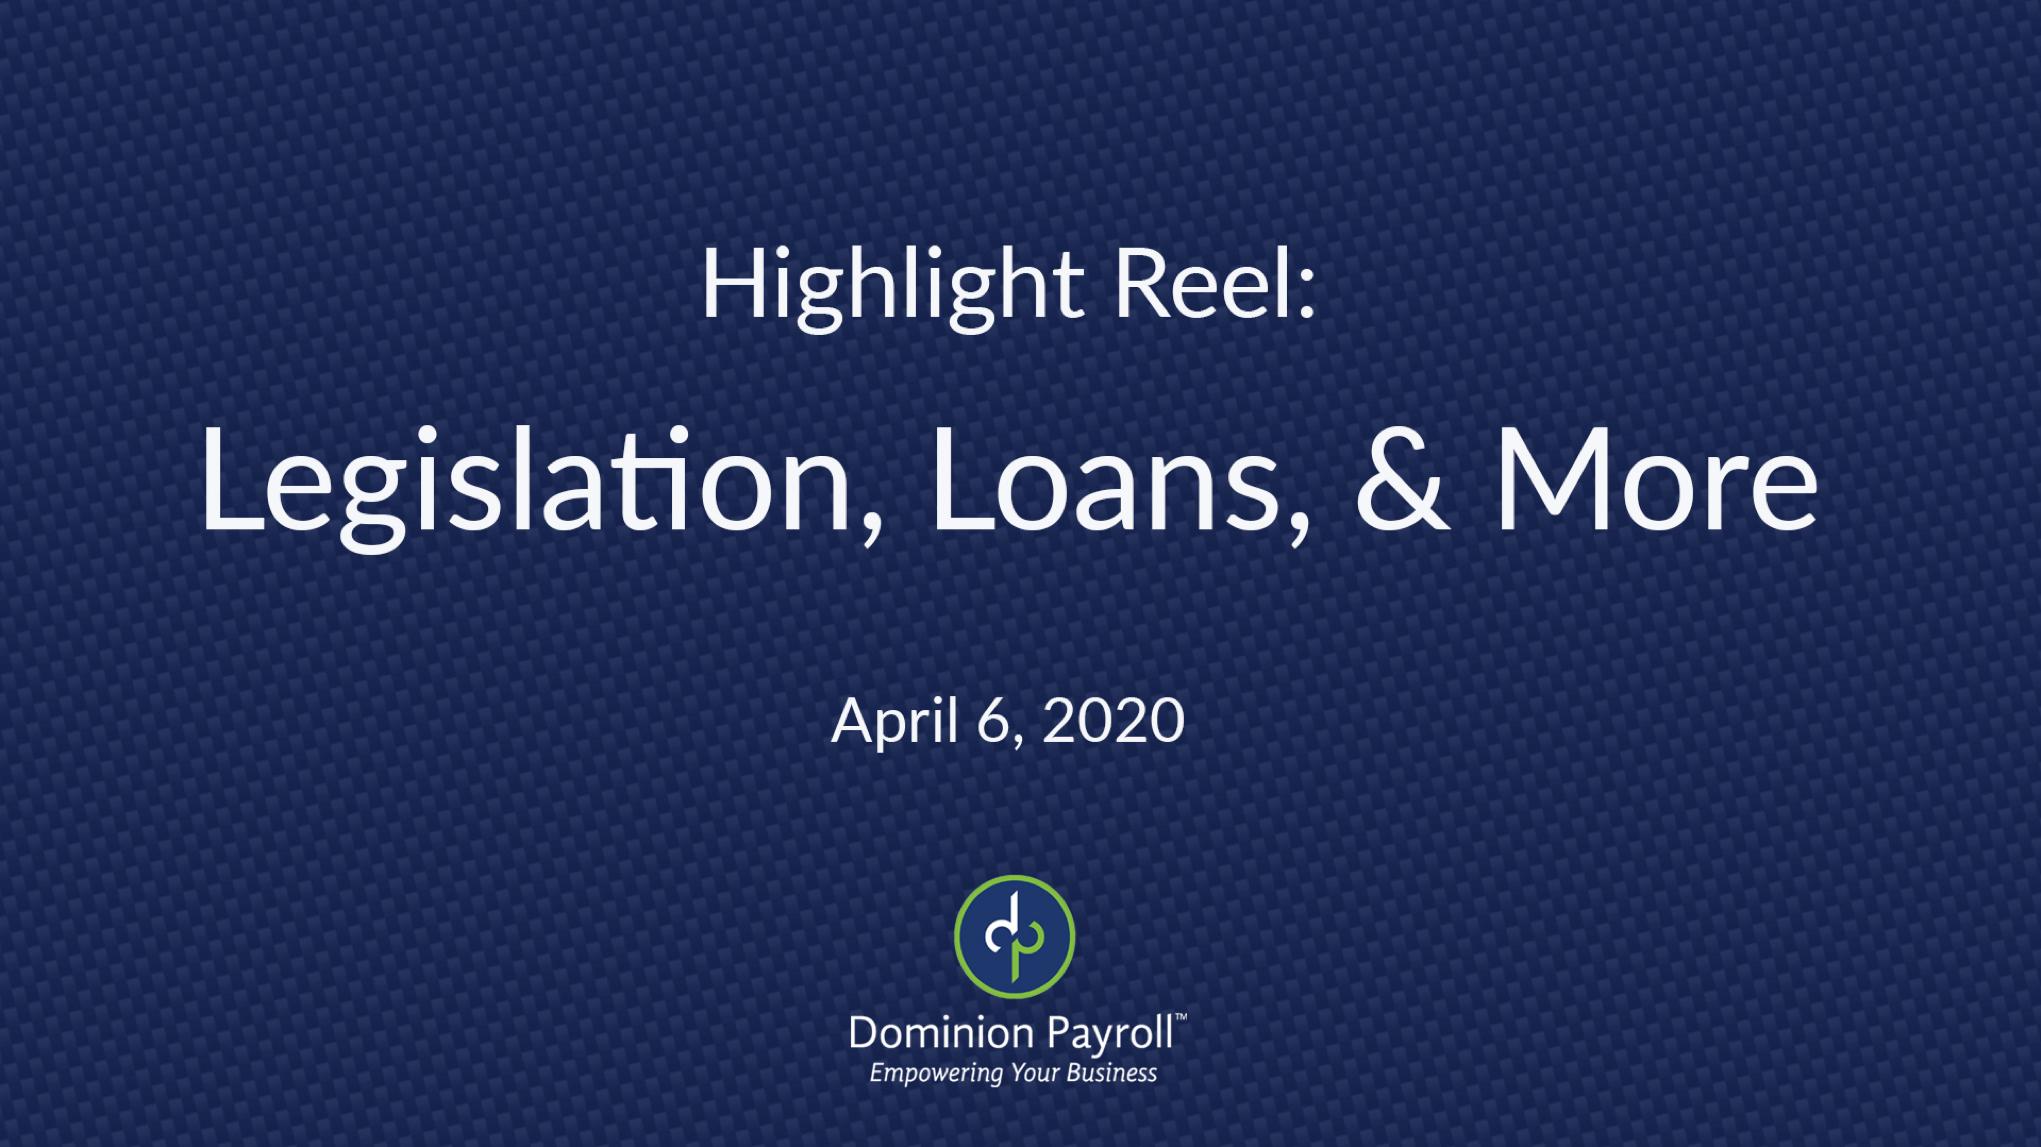 Leg loans more